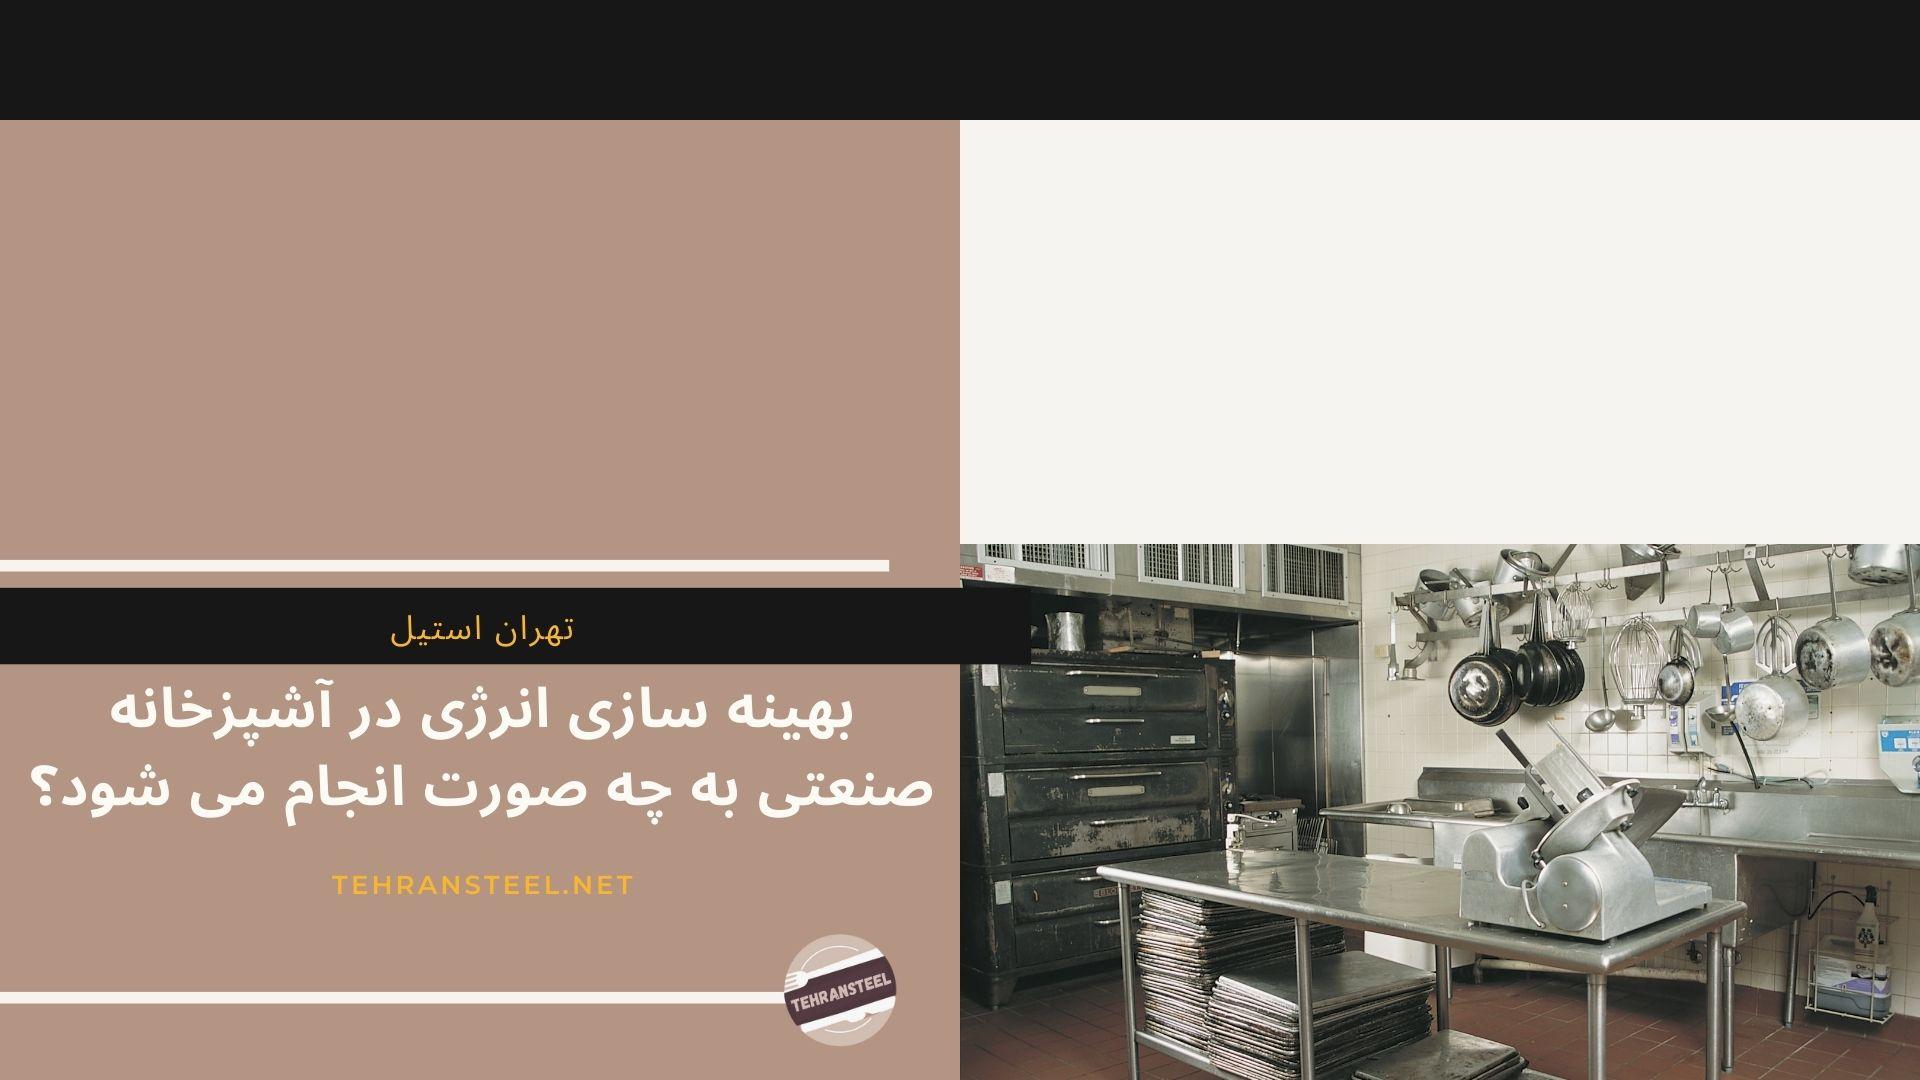 بهینه سازی انرژی در آشپزخانه صنعتی به چه صورت انجام می شود؟